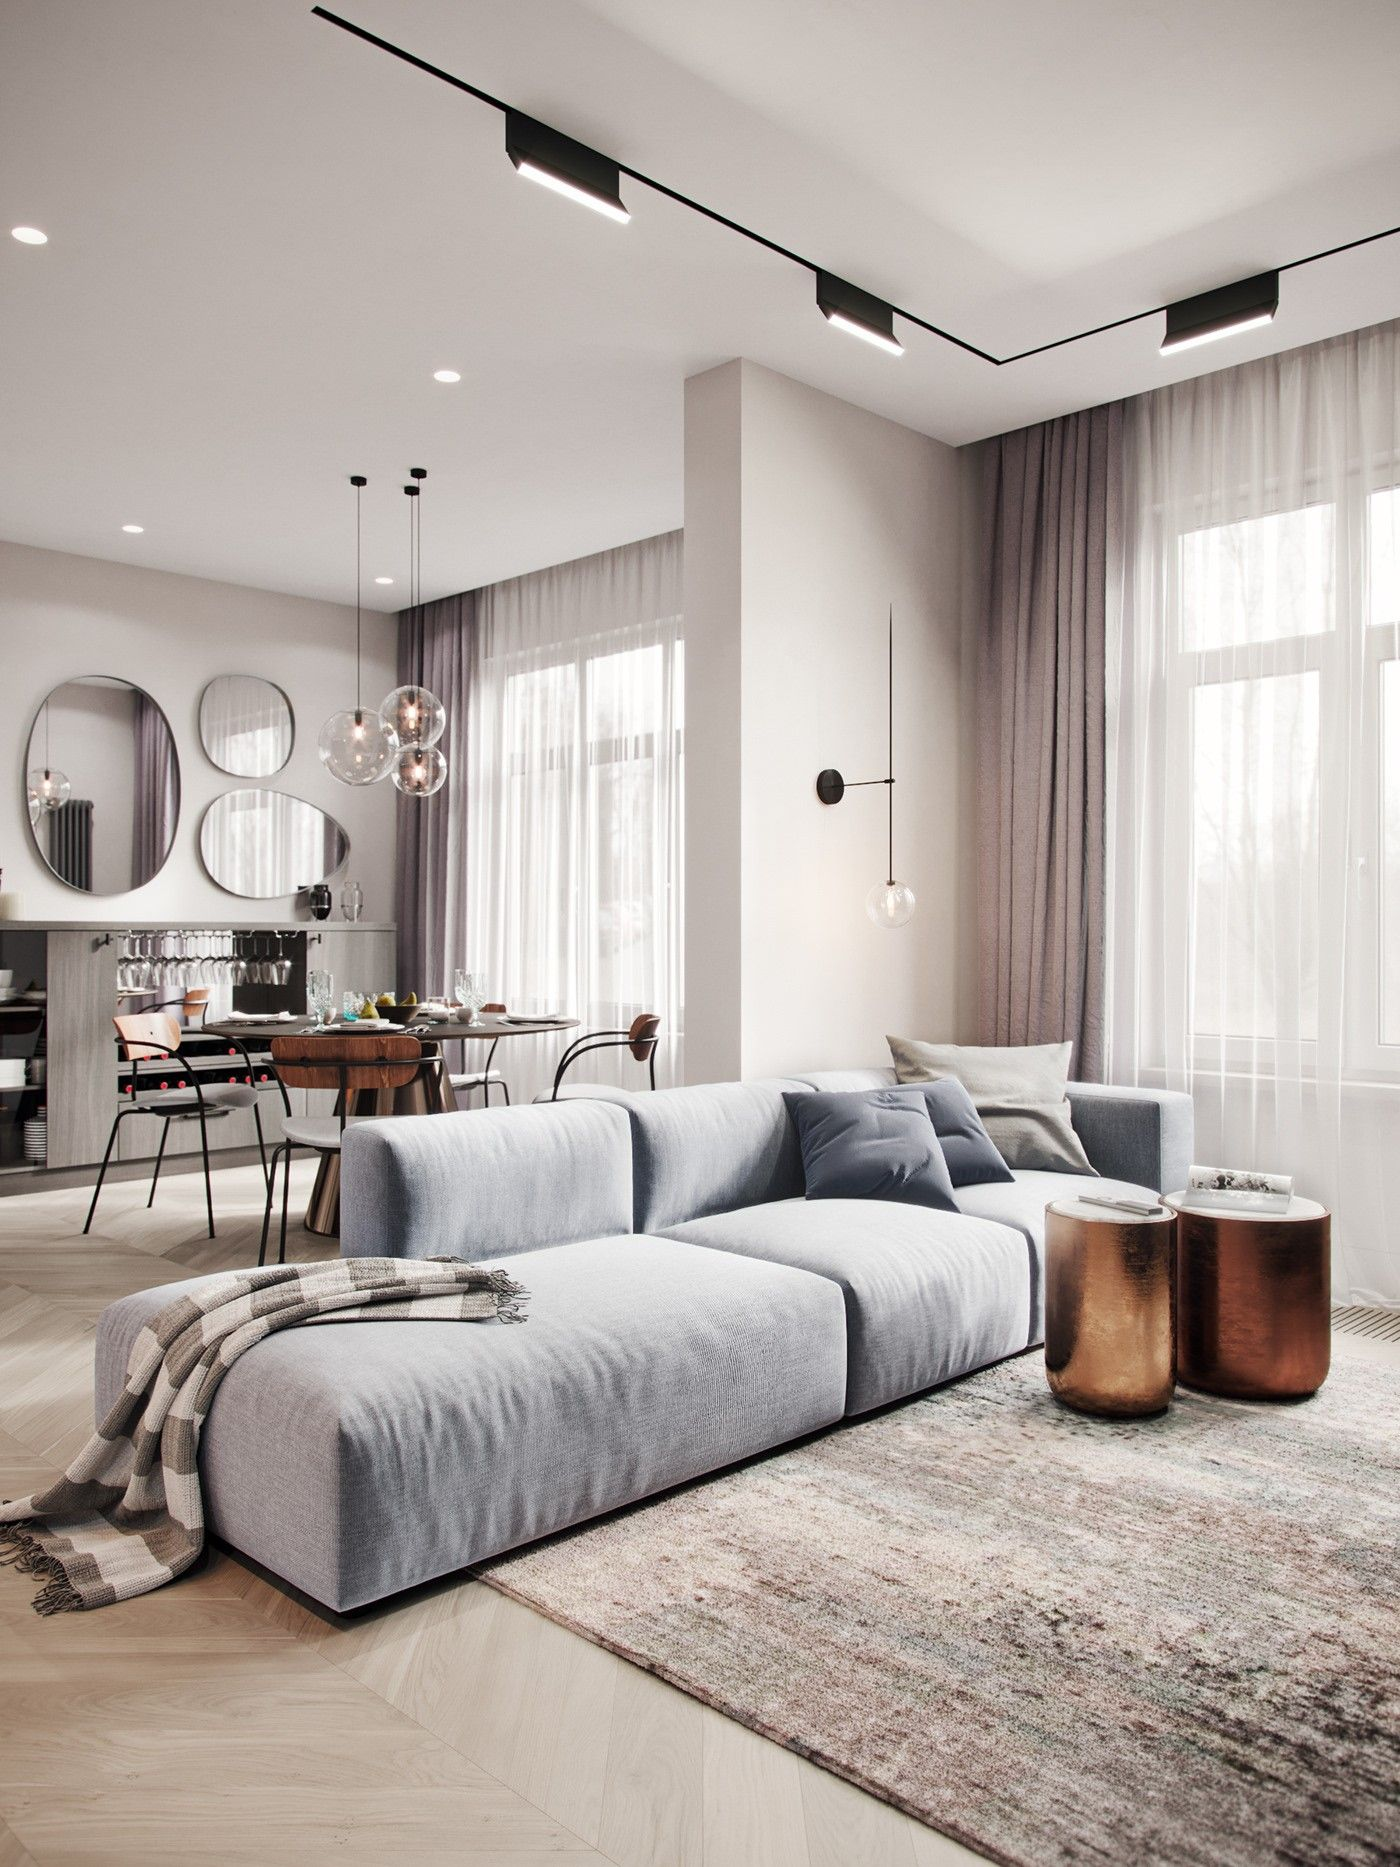 быстро дизайн большой квартиры в современном стиле фото пробраться простой машине